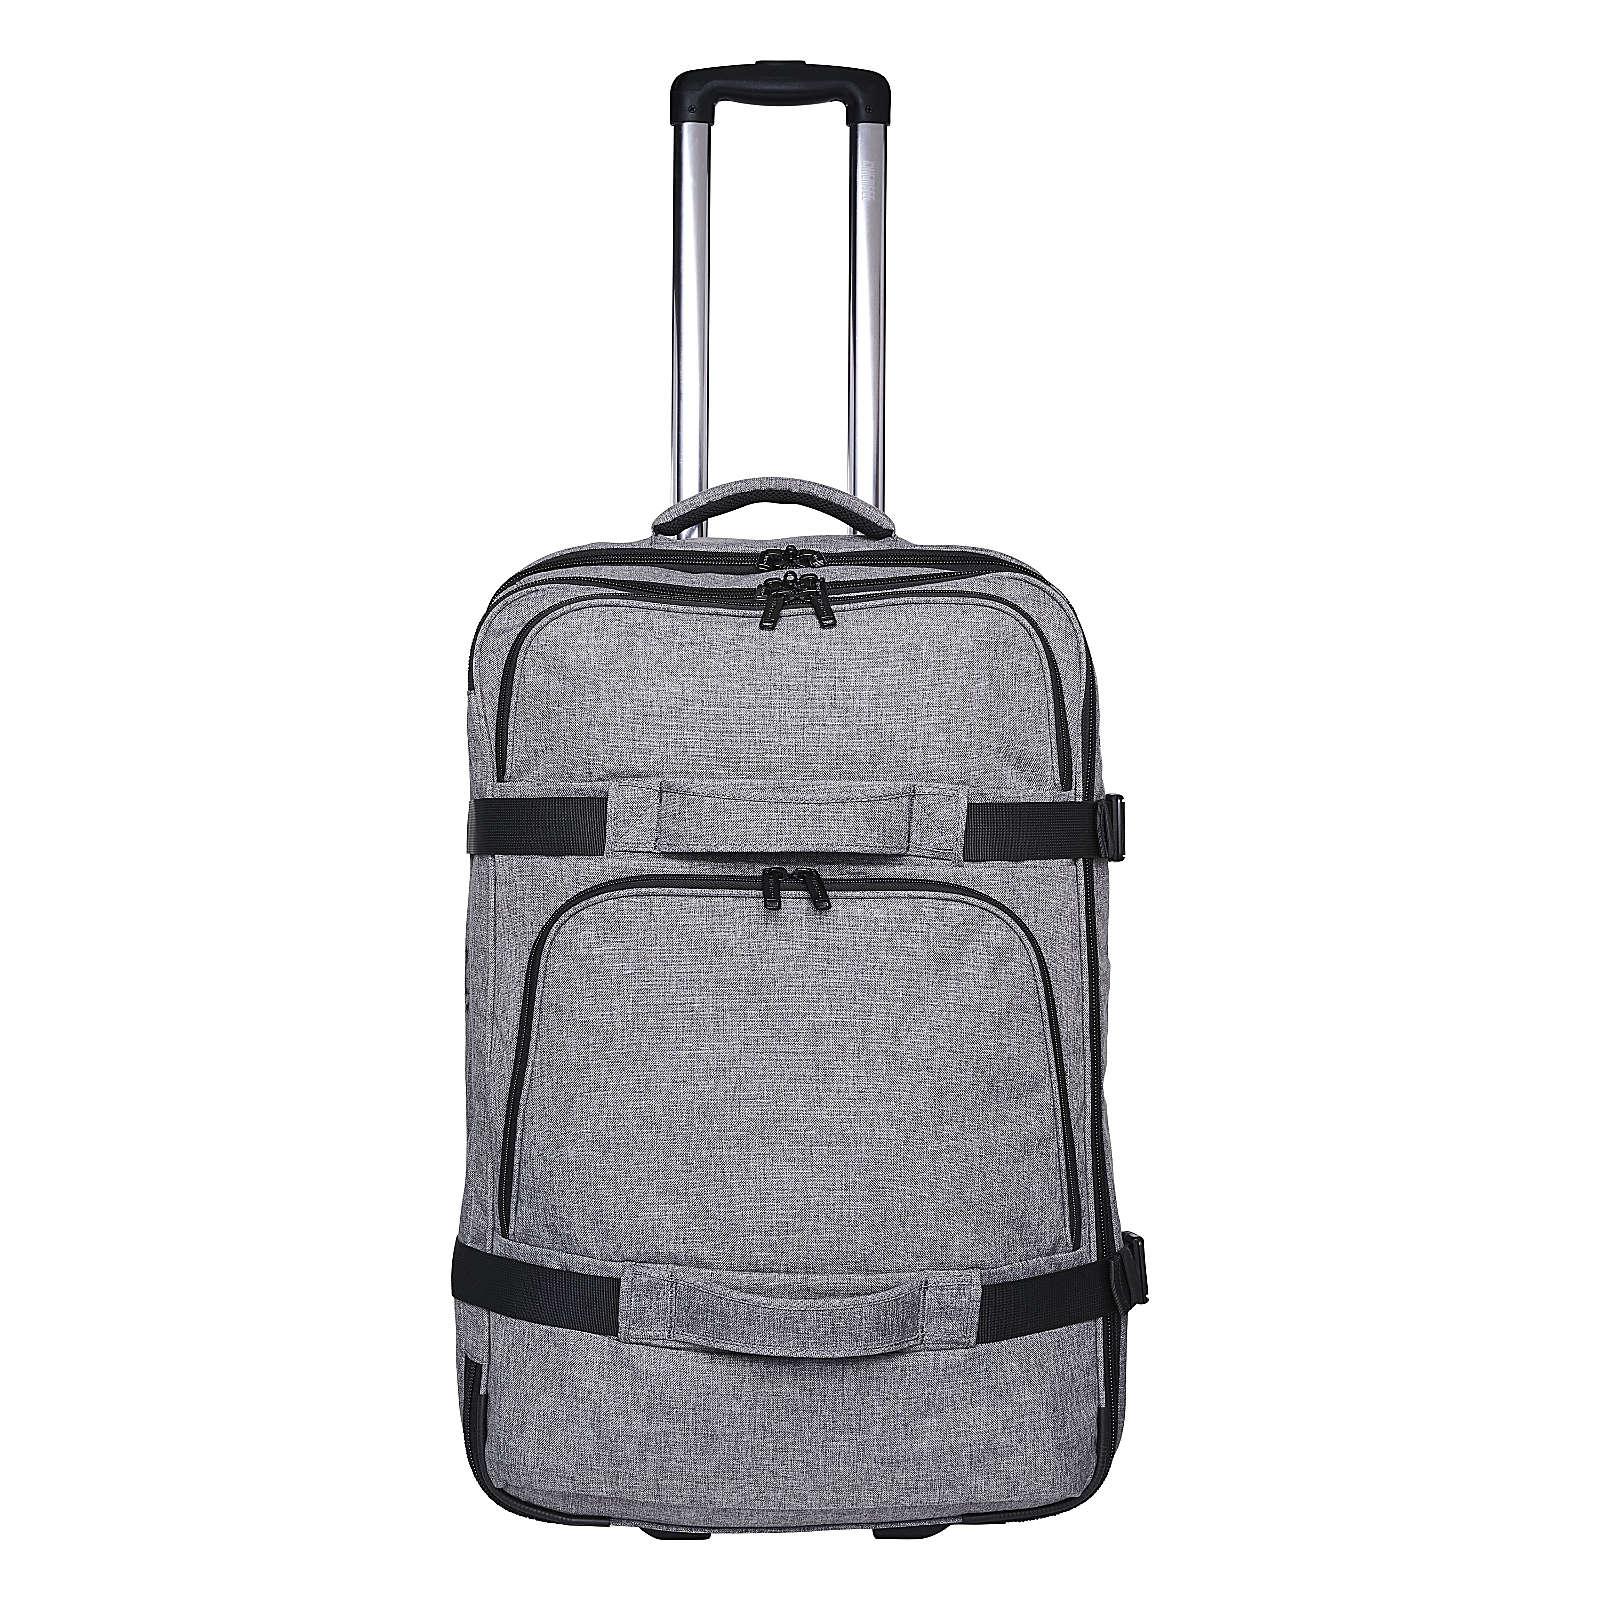 CHIEMSEE Reisetasche mit vielen funktionellen Details dunkelgrau